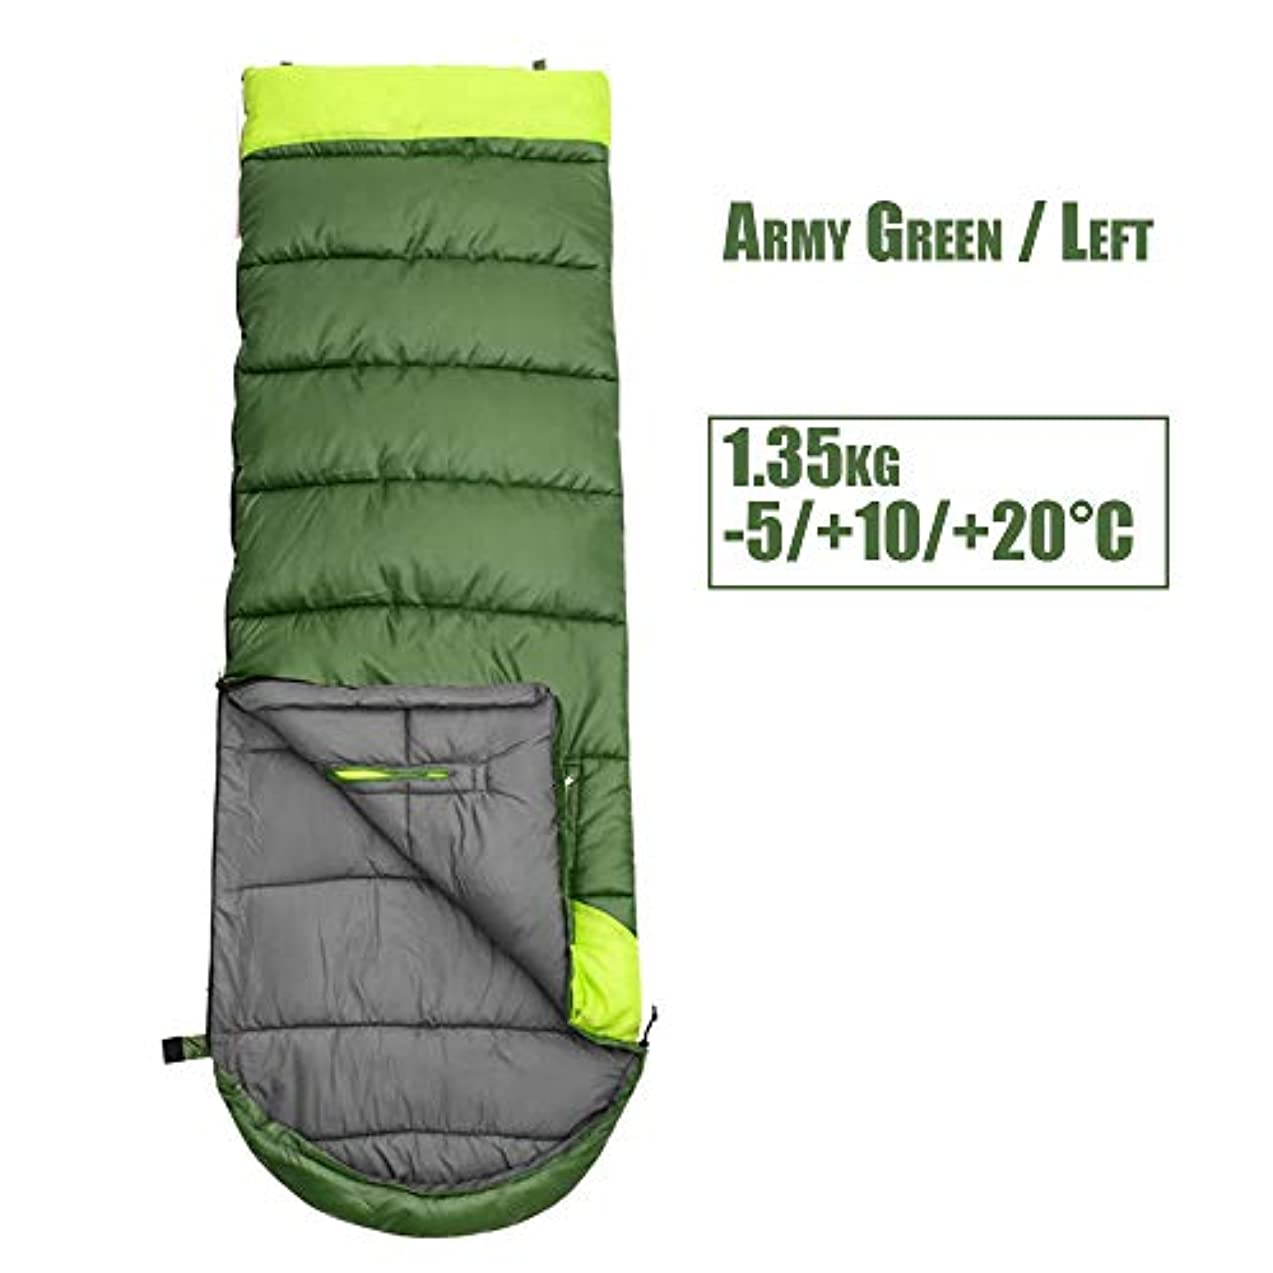 シリーズフレームワークキャップLIUSIYU封筒寝袋、長方形の寝袋、2シーズン、コンパクトで耐水性の暖かい充填、快適な暖かい睡眠のための屋外キャンプ